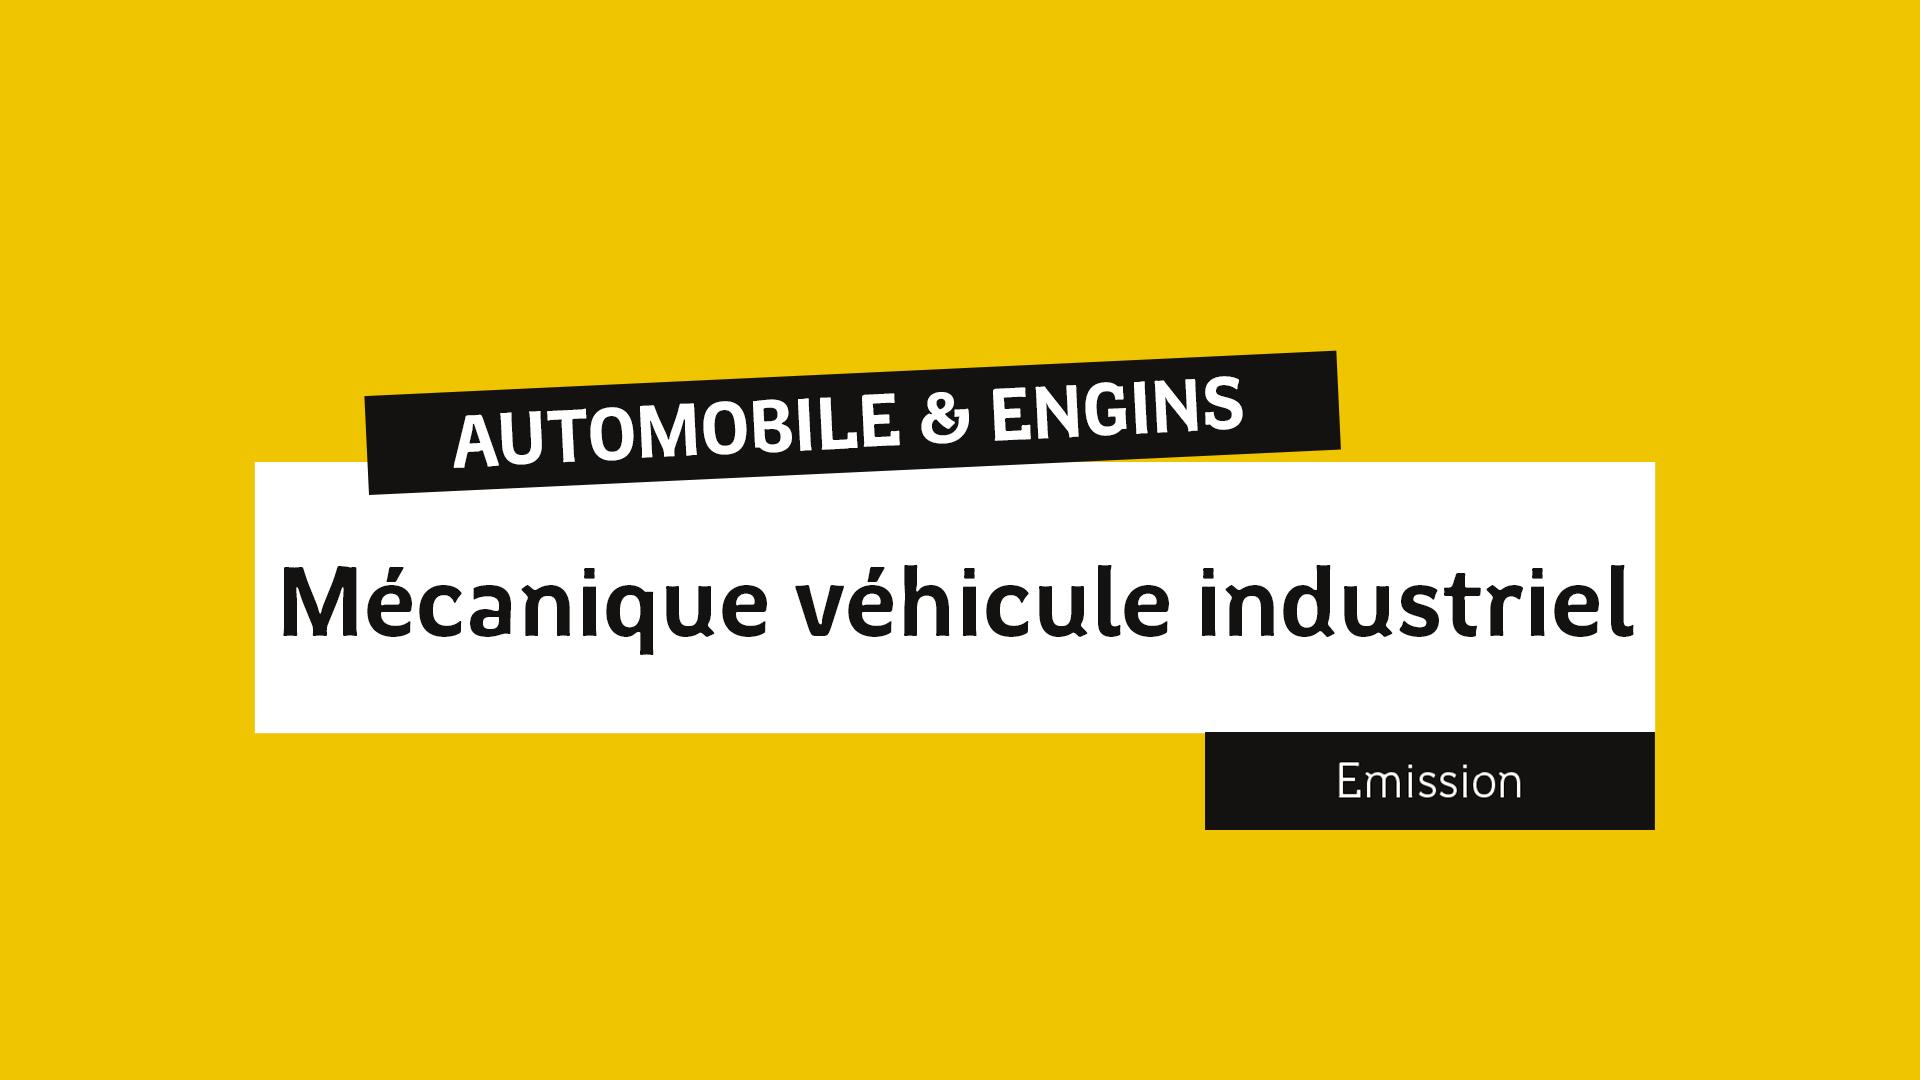 Mécanique véhicule industriel